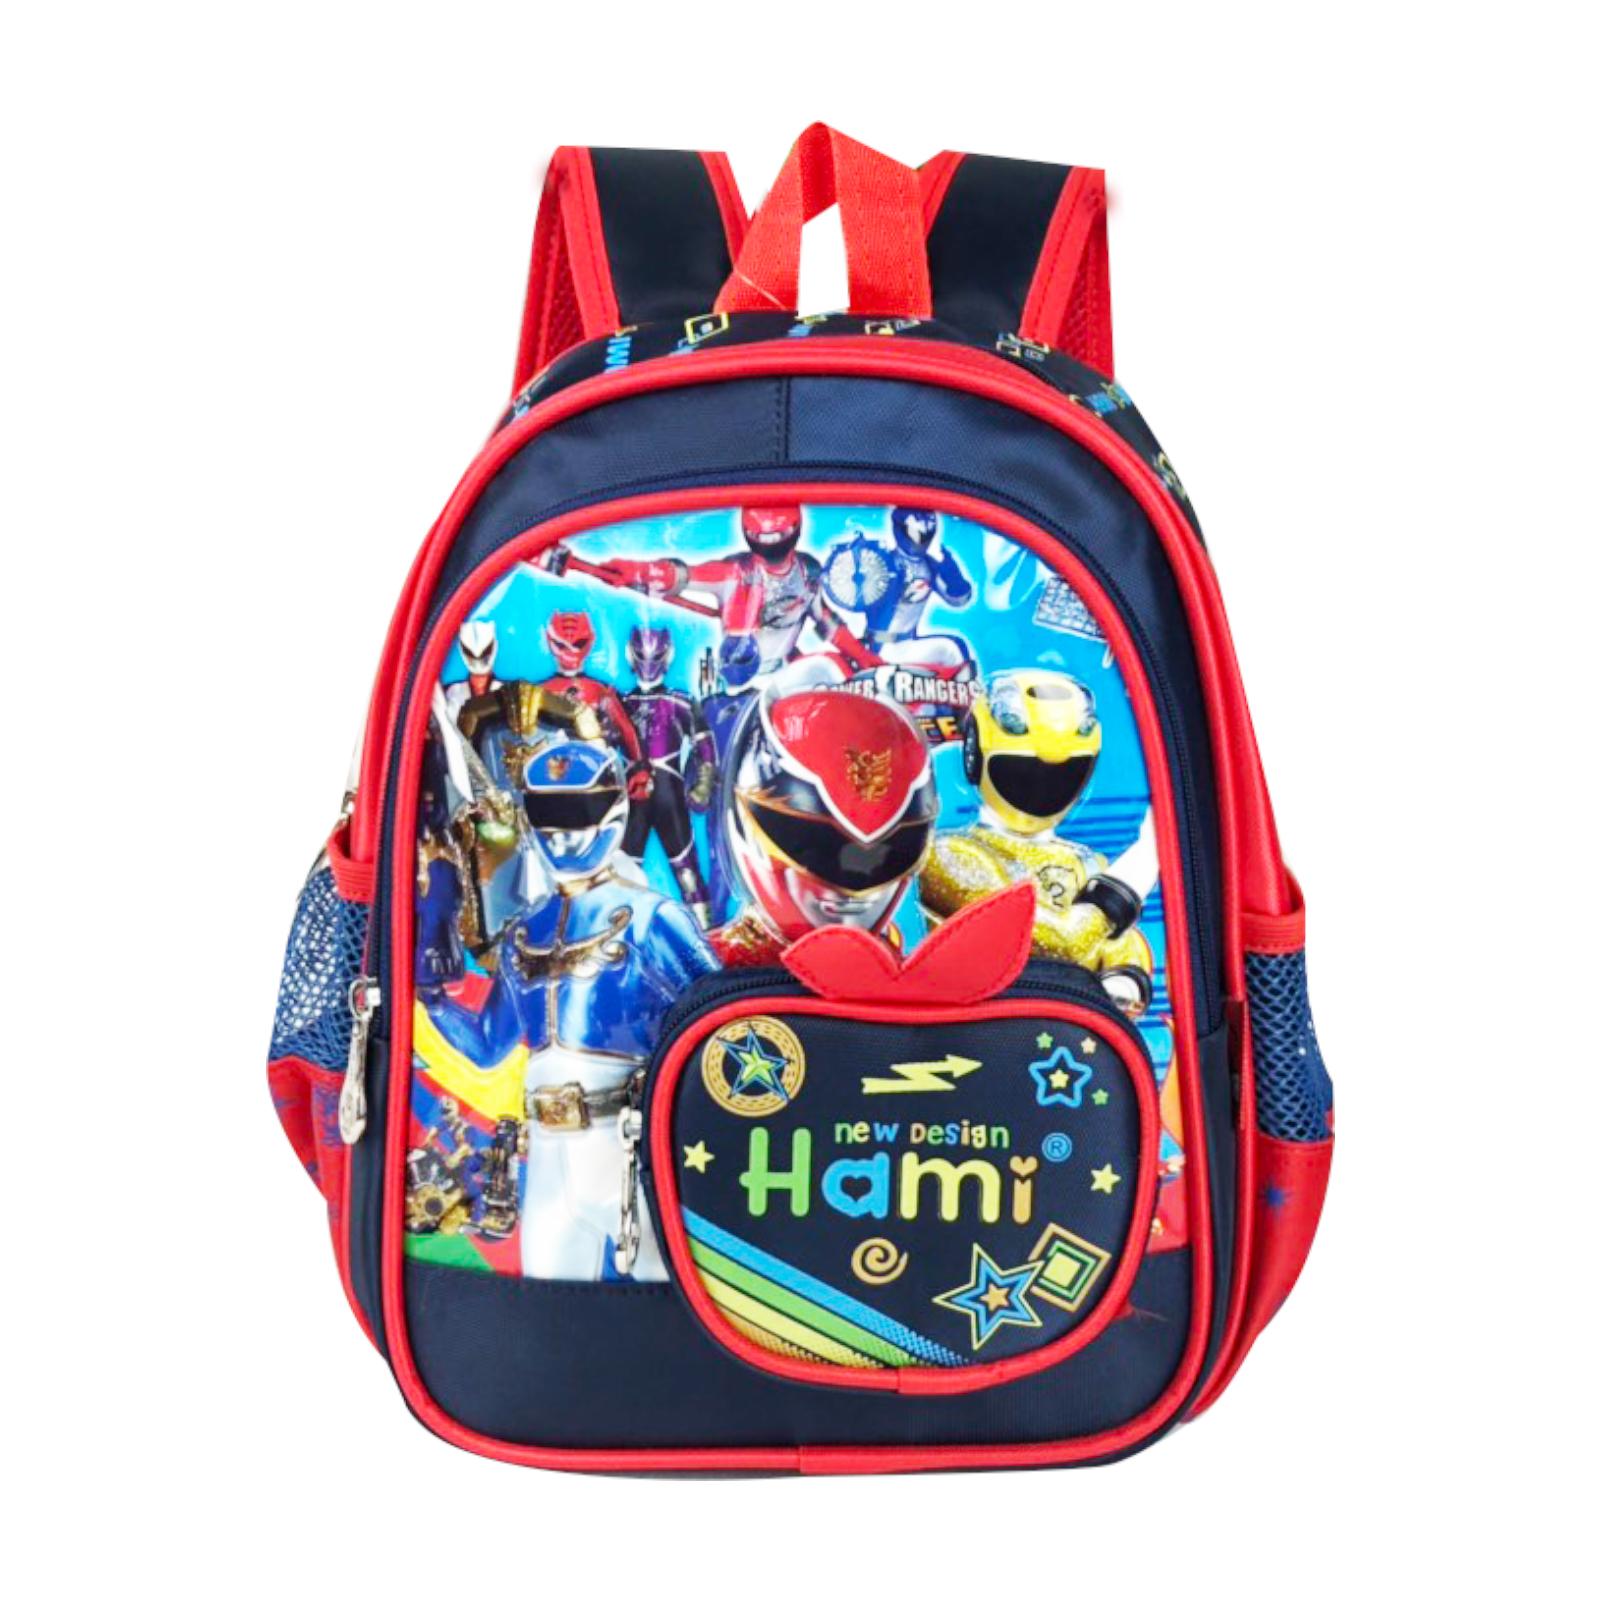 Balo mẫu giáo cho bé trai, HAMI bmg213 - hàng chính hãng